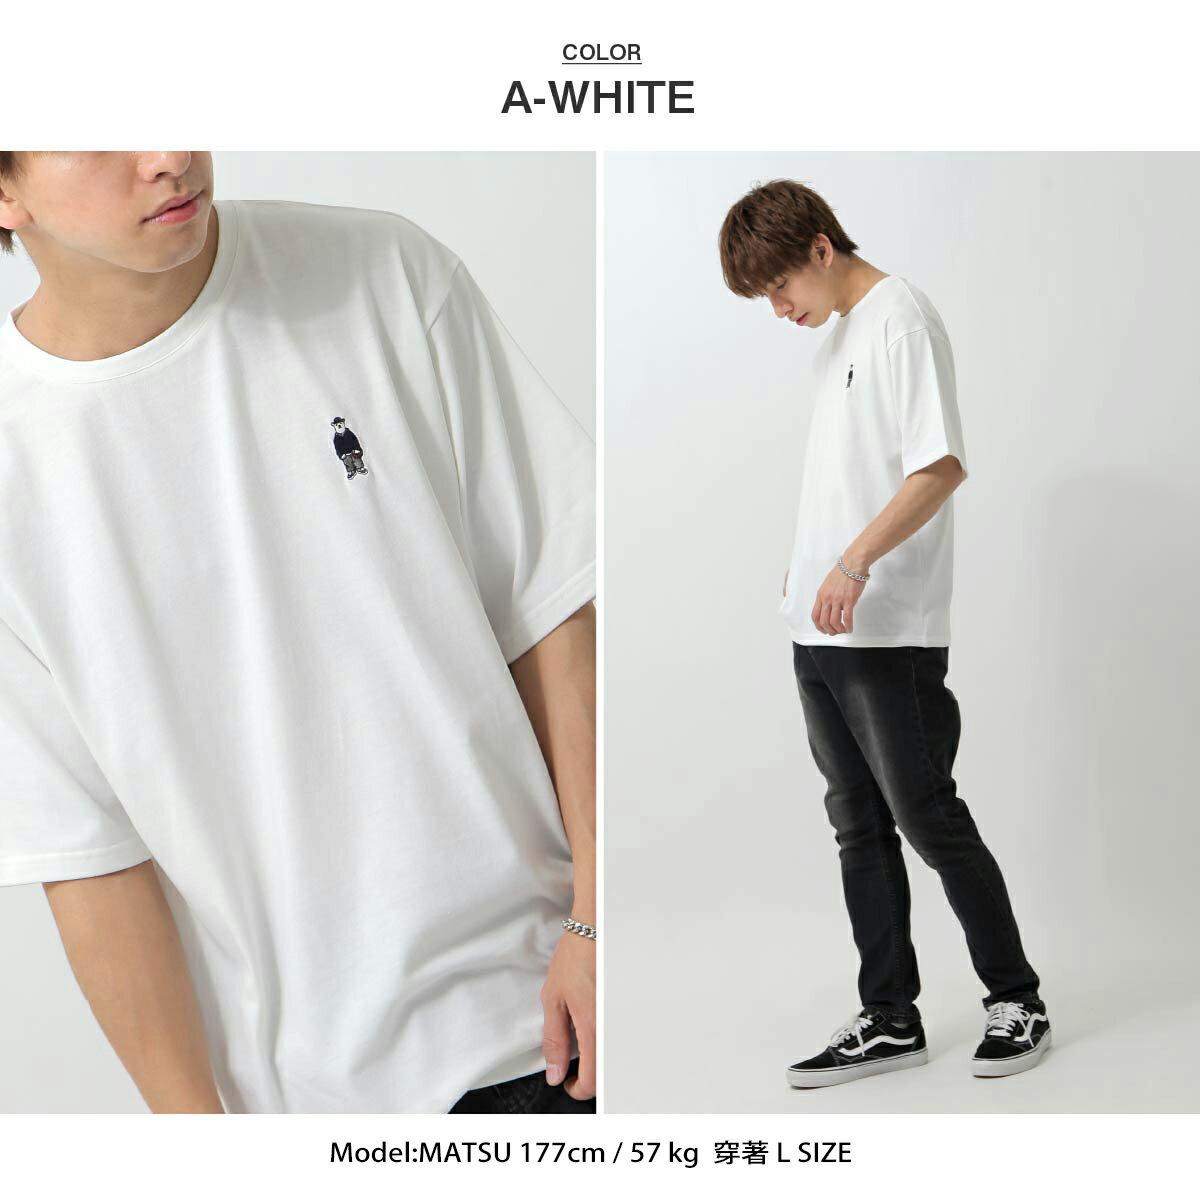 【ZIP】白熊刺繡短TEE BENJAMIN 3